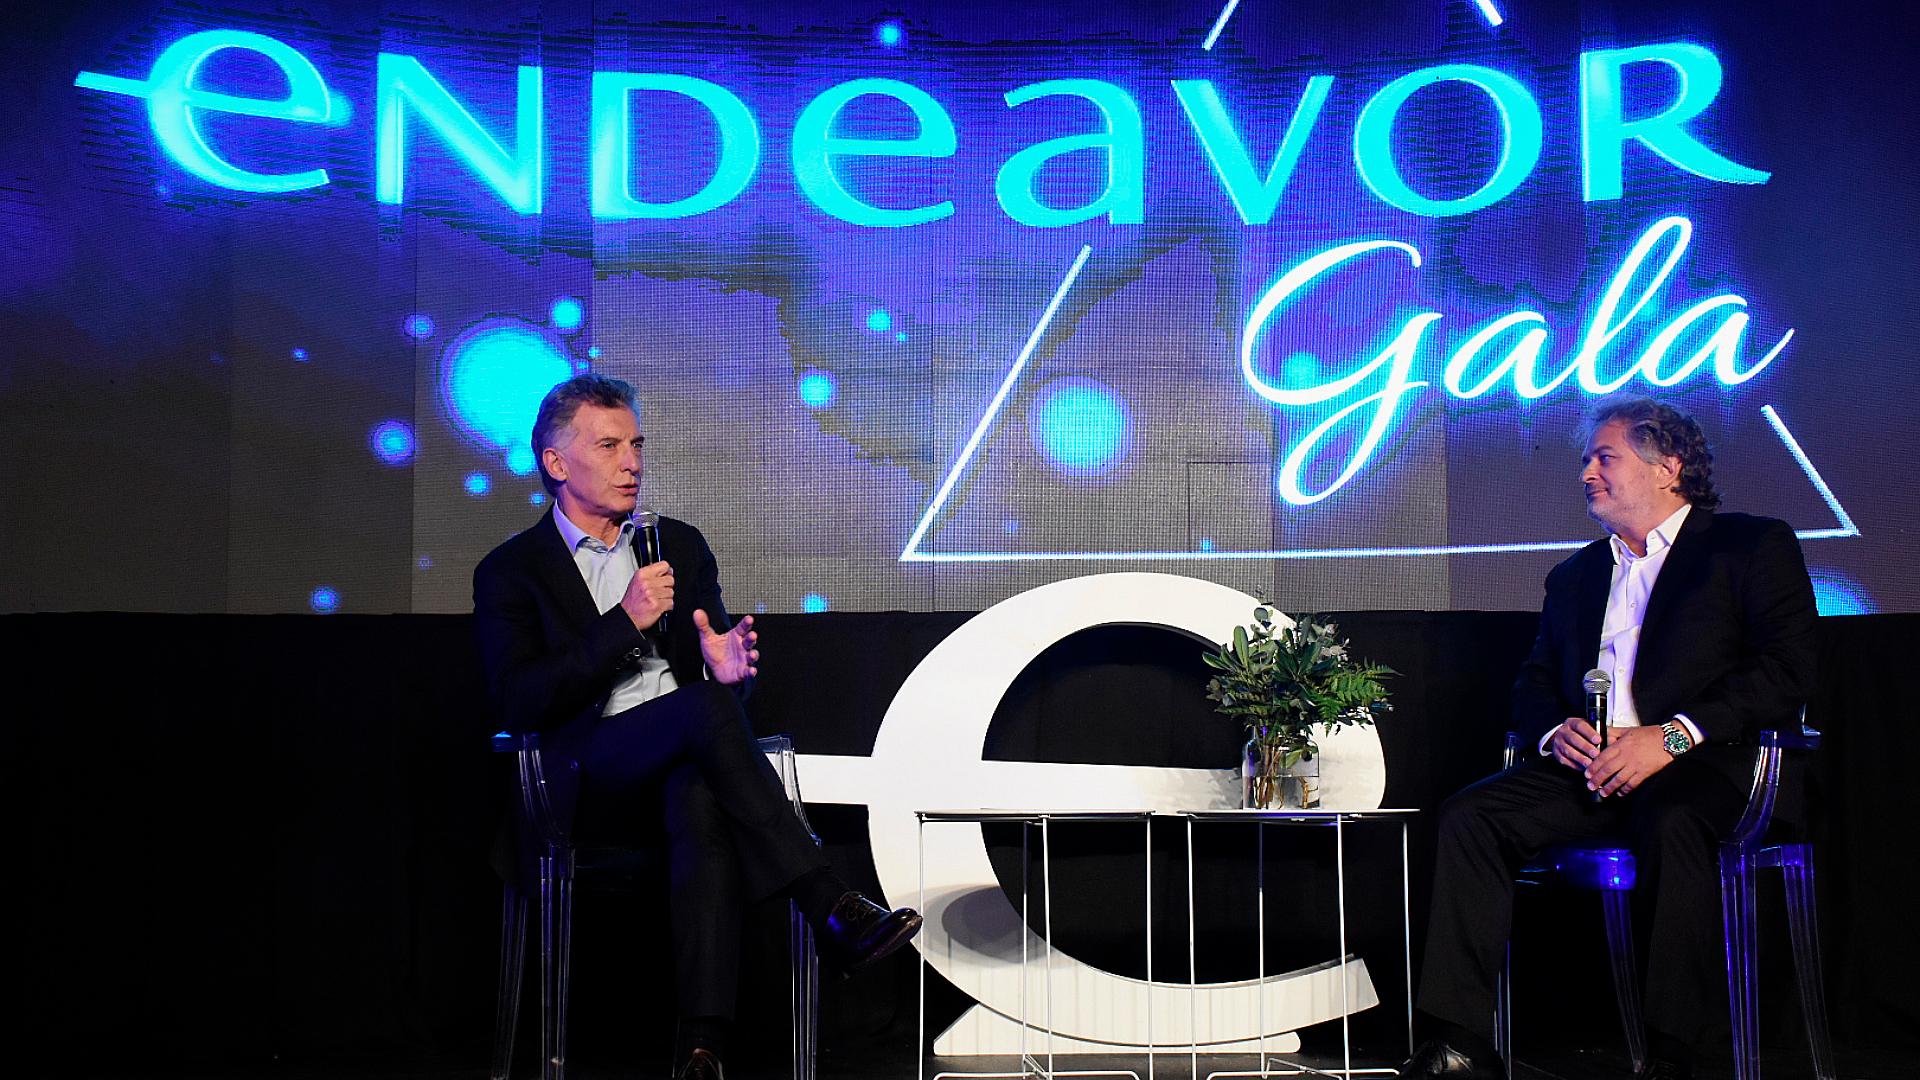 El presidente Mauricio Macri estuvo presente en la Gala Endeavor 2019: